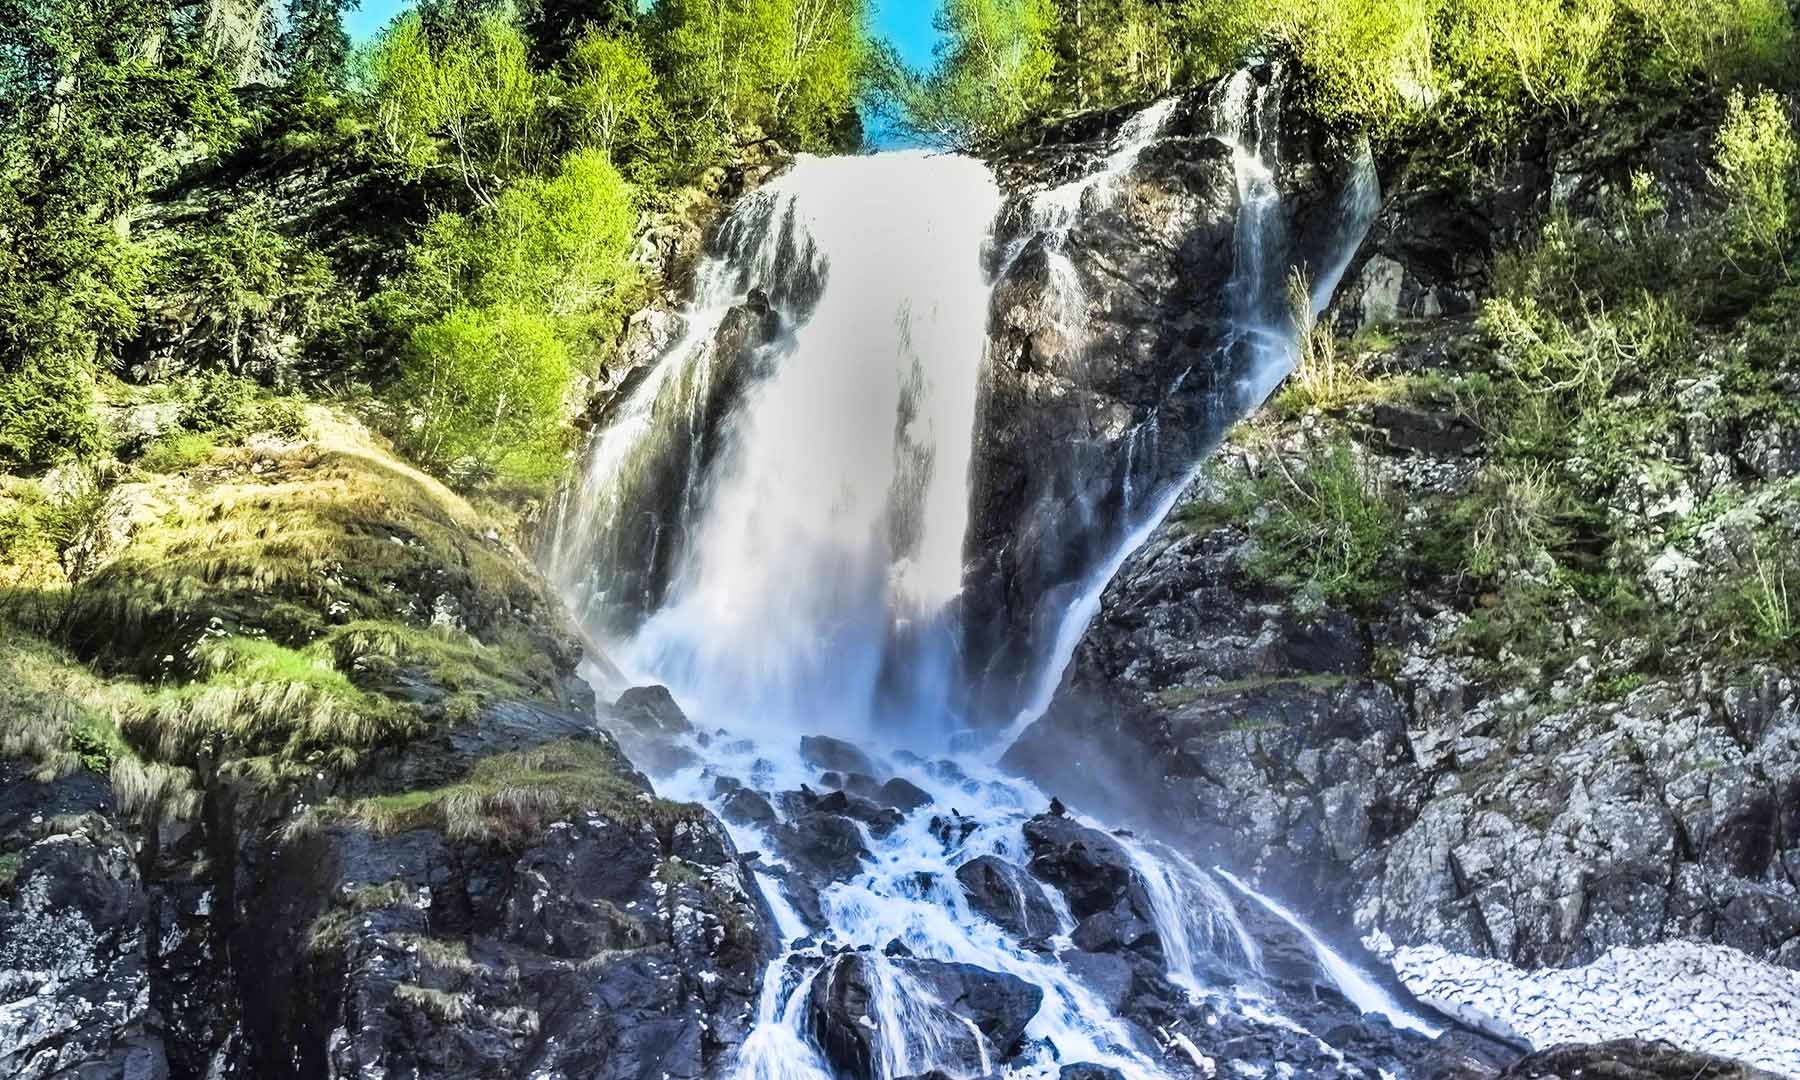 سپین خوڑ آبشار کا ایک اور منظر — تصویر امجد علی سحاب